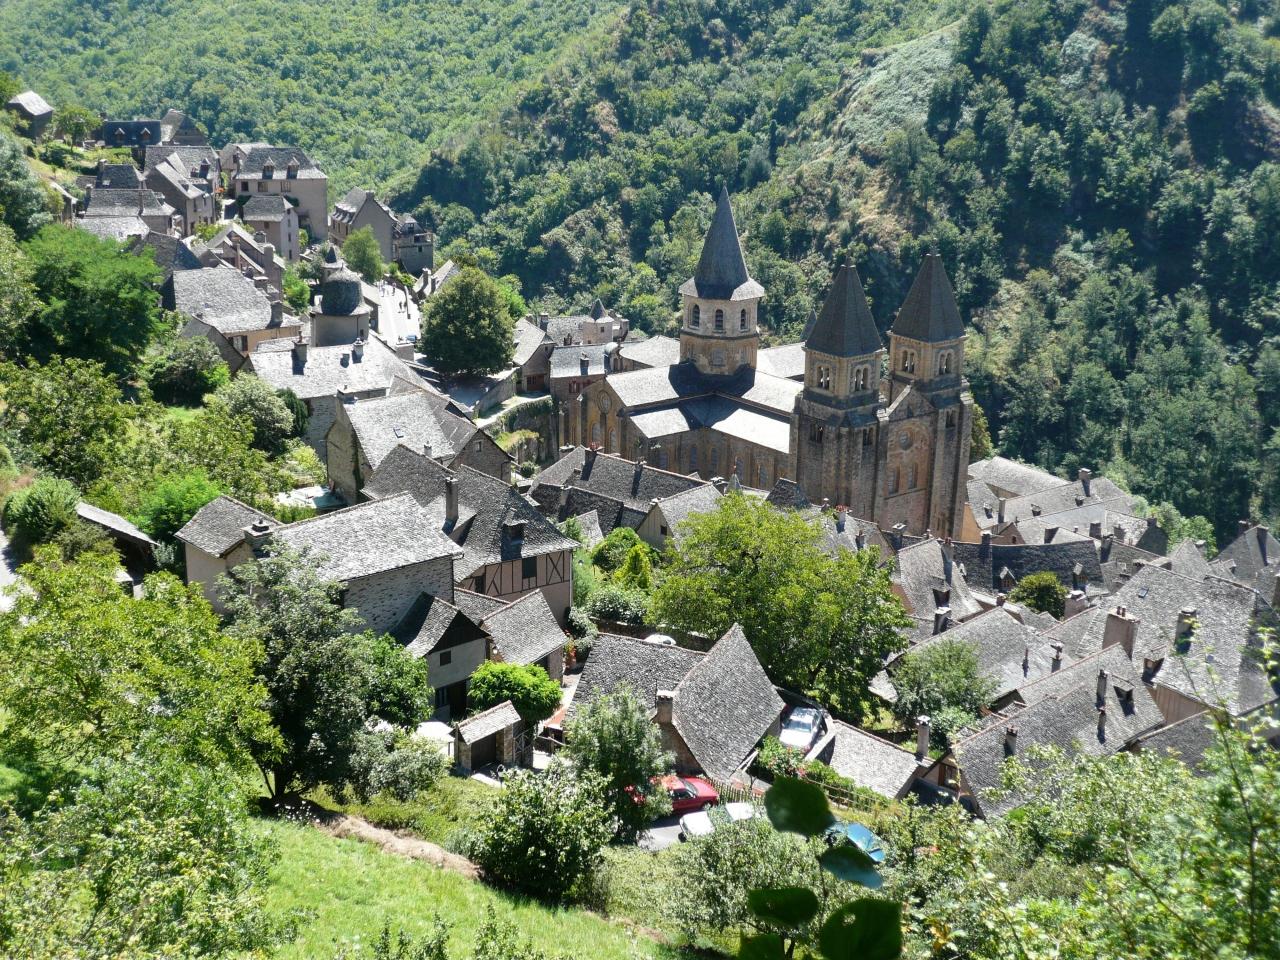 「フランス 田舎 画像」の画像検索結果